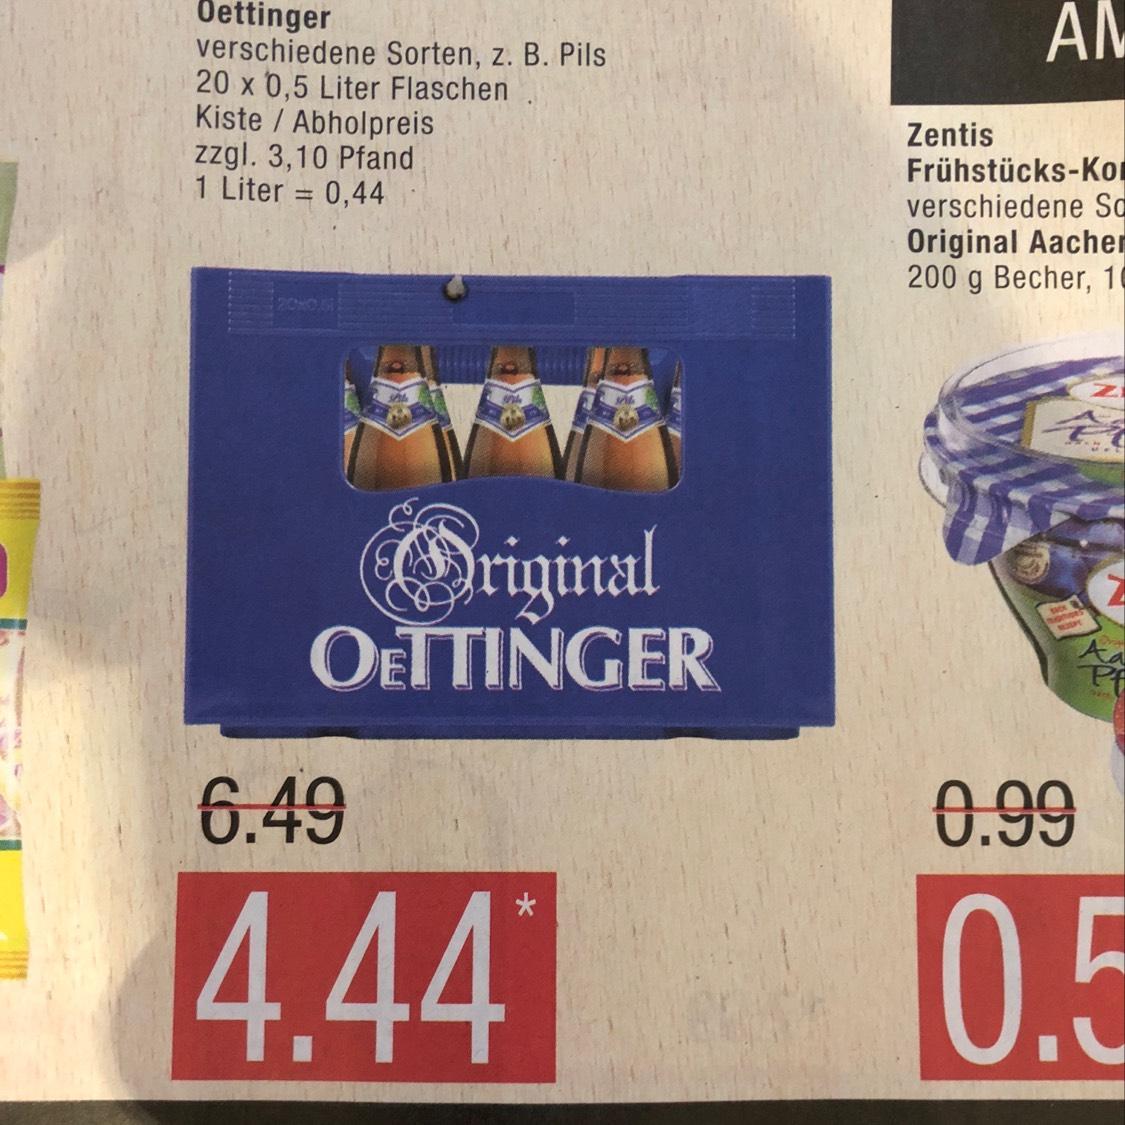 [Marktkauf] Oettinger verschiedene Sorten 20x0,5 - Liter 0,44€ am 25.11.17